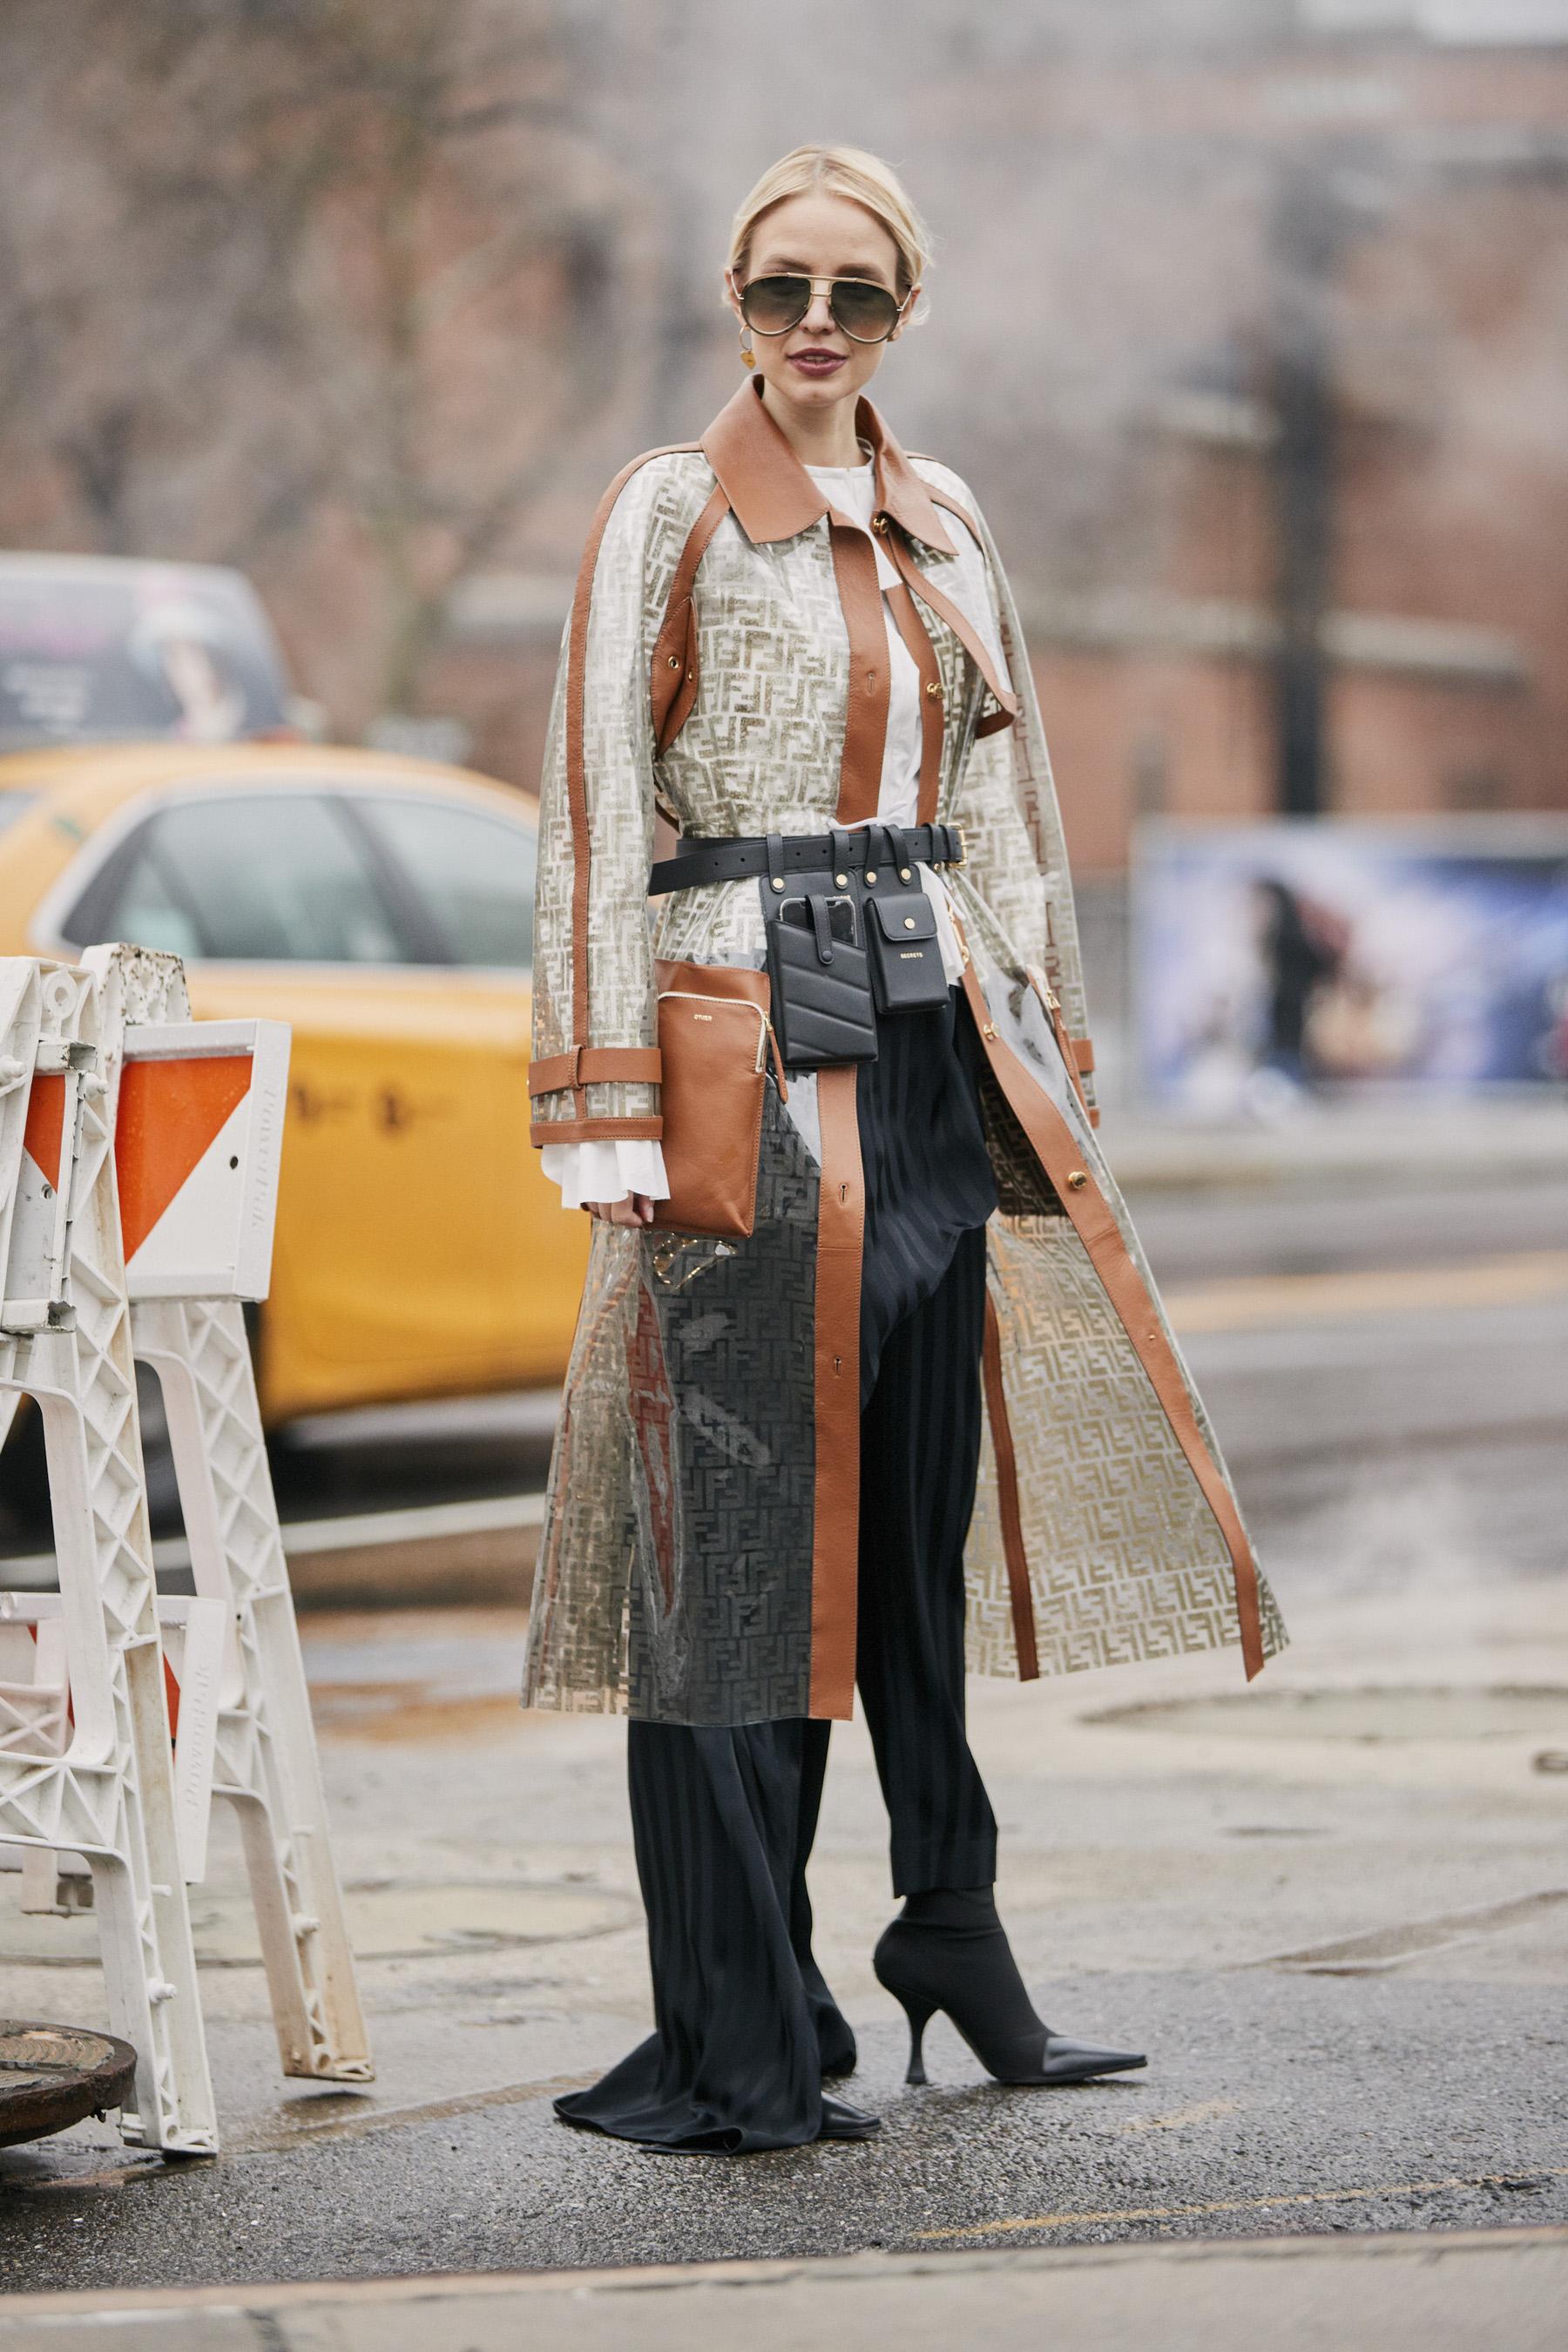 """xu hướng thời trang đường phố hứa hẹn sẽ """"khuấy động"""" làng mốt 17"""